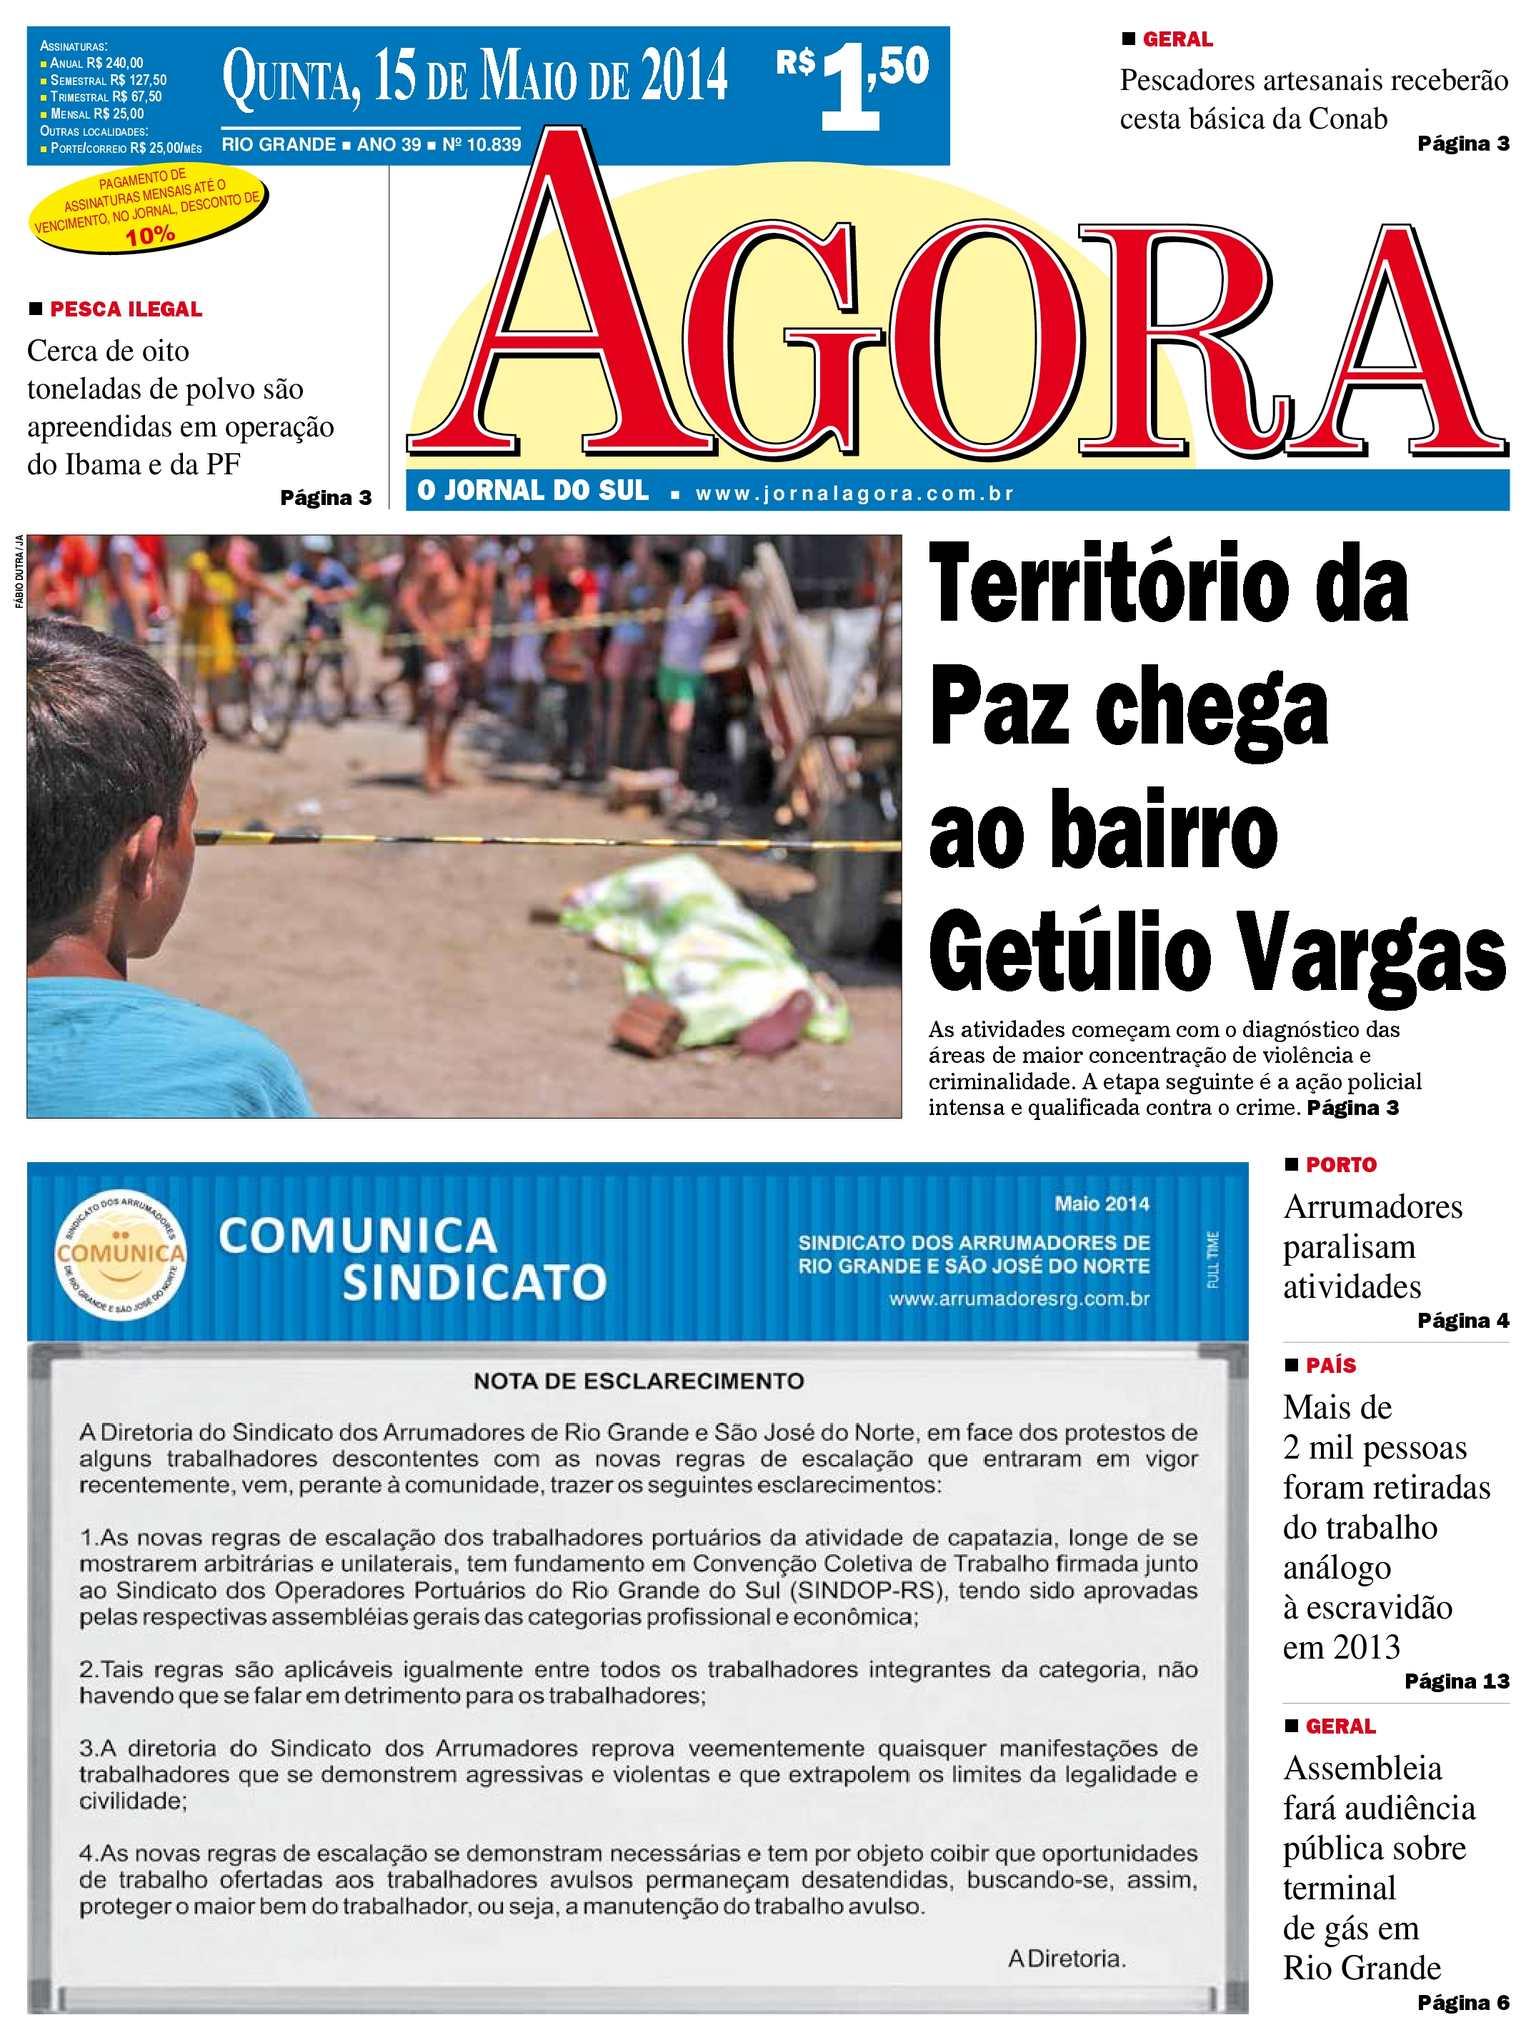 Calaméo - Jornal Agora - Edição 10839 - 15 de maio de 2014 8d1d2e1812b7a